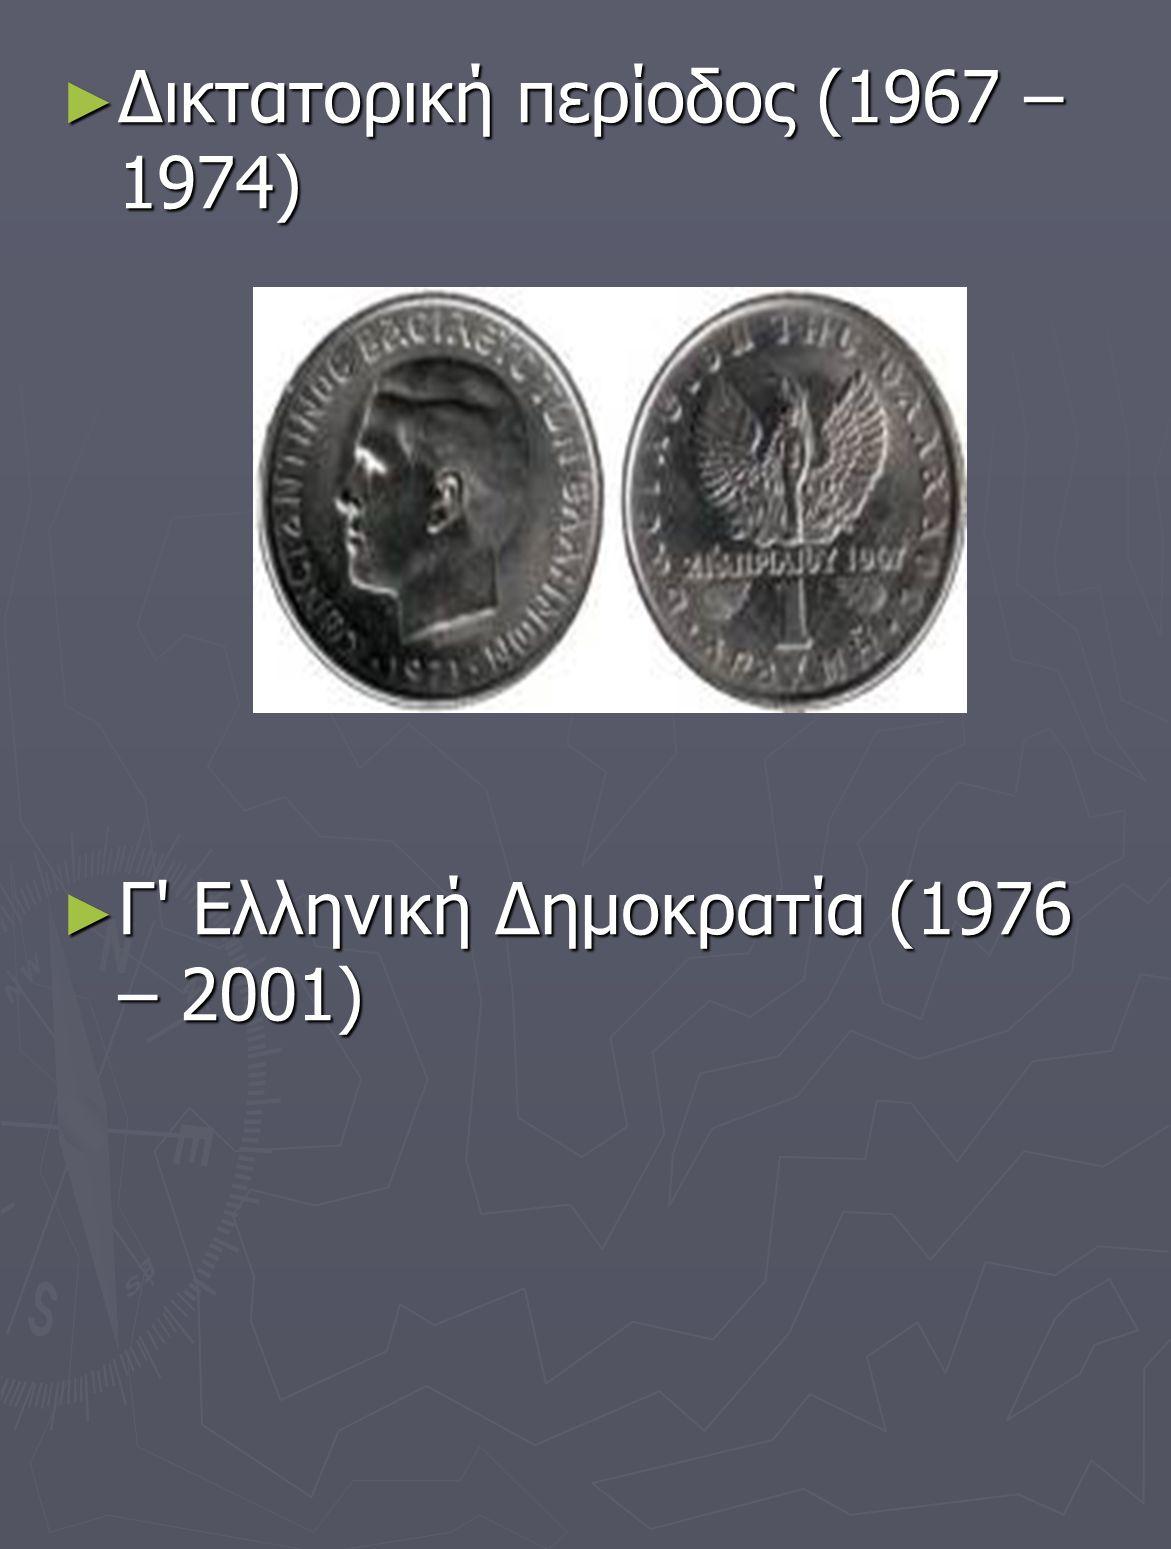 ► Δικτατορική περίοδος (1967 – 1974) ► Γ' Ελληνική Δημοκρατία (1976 – 2001)